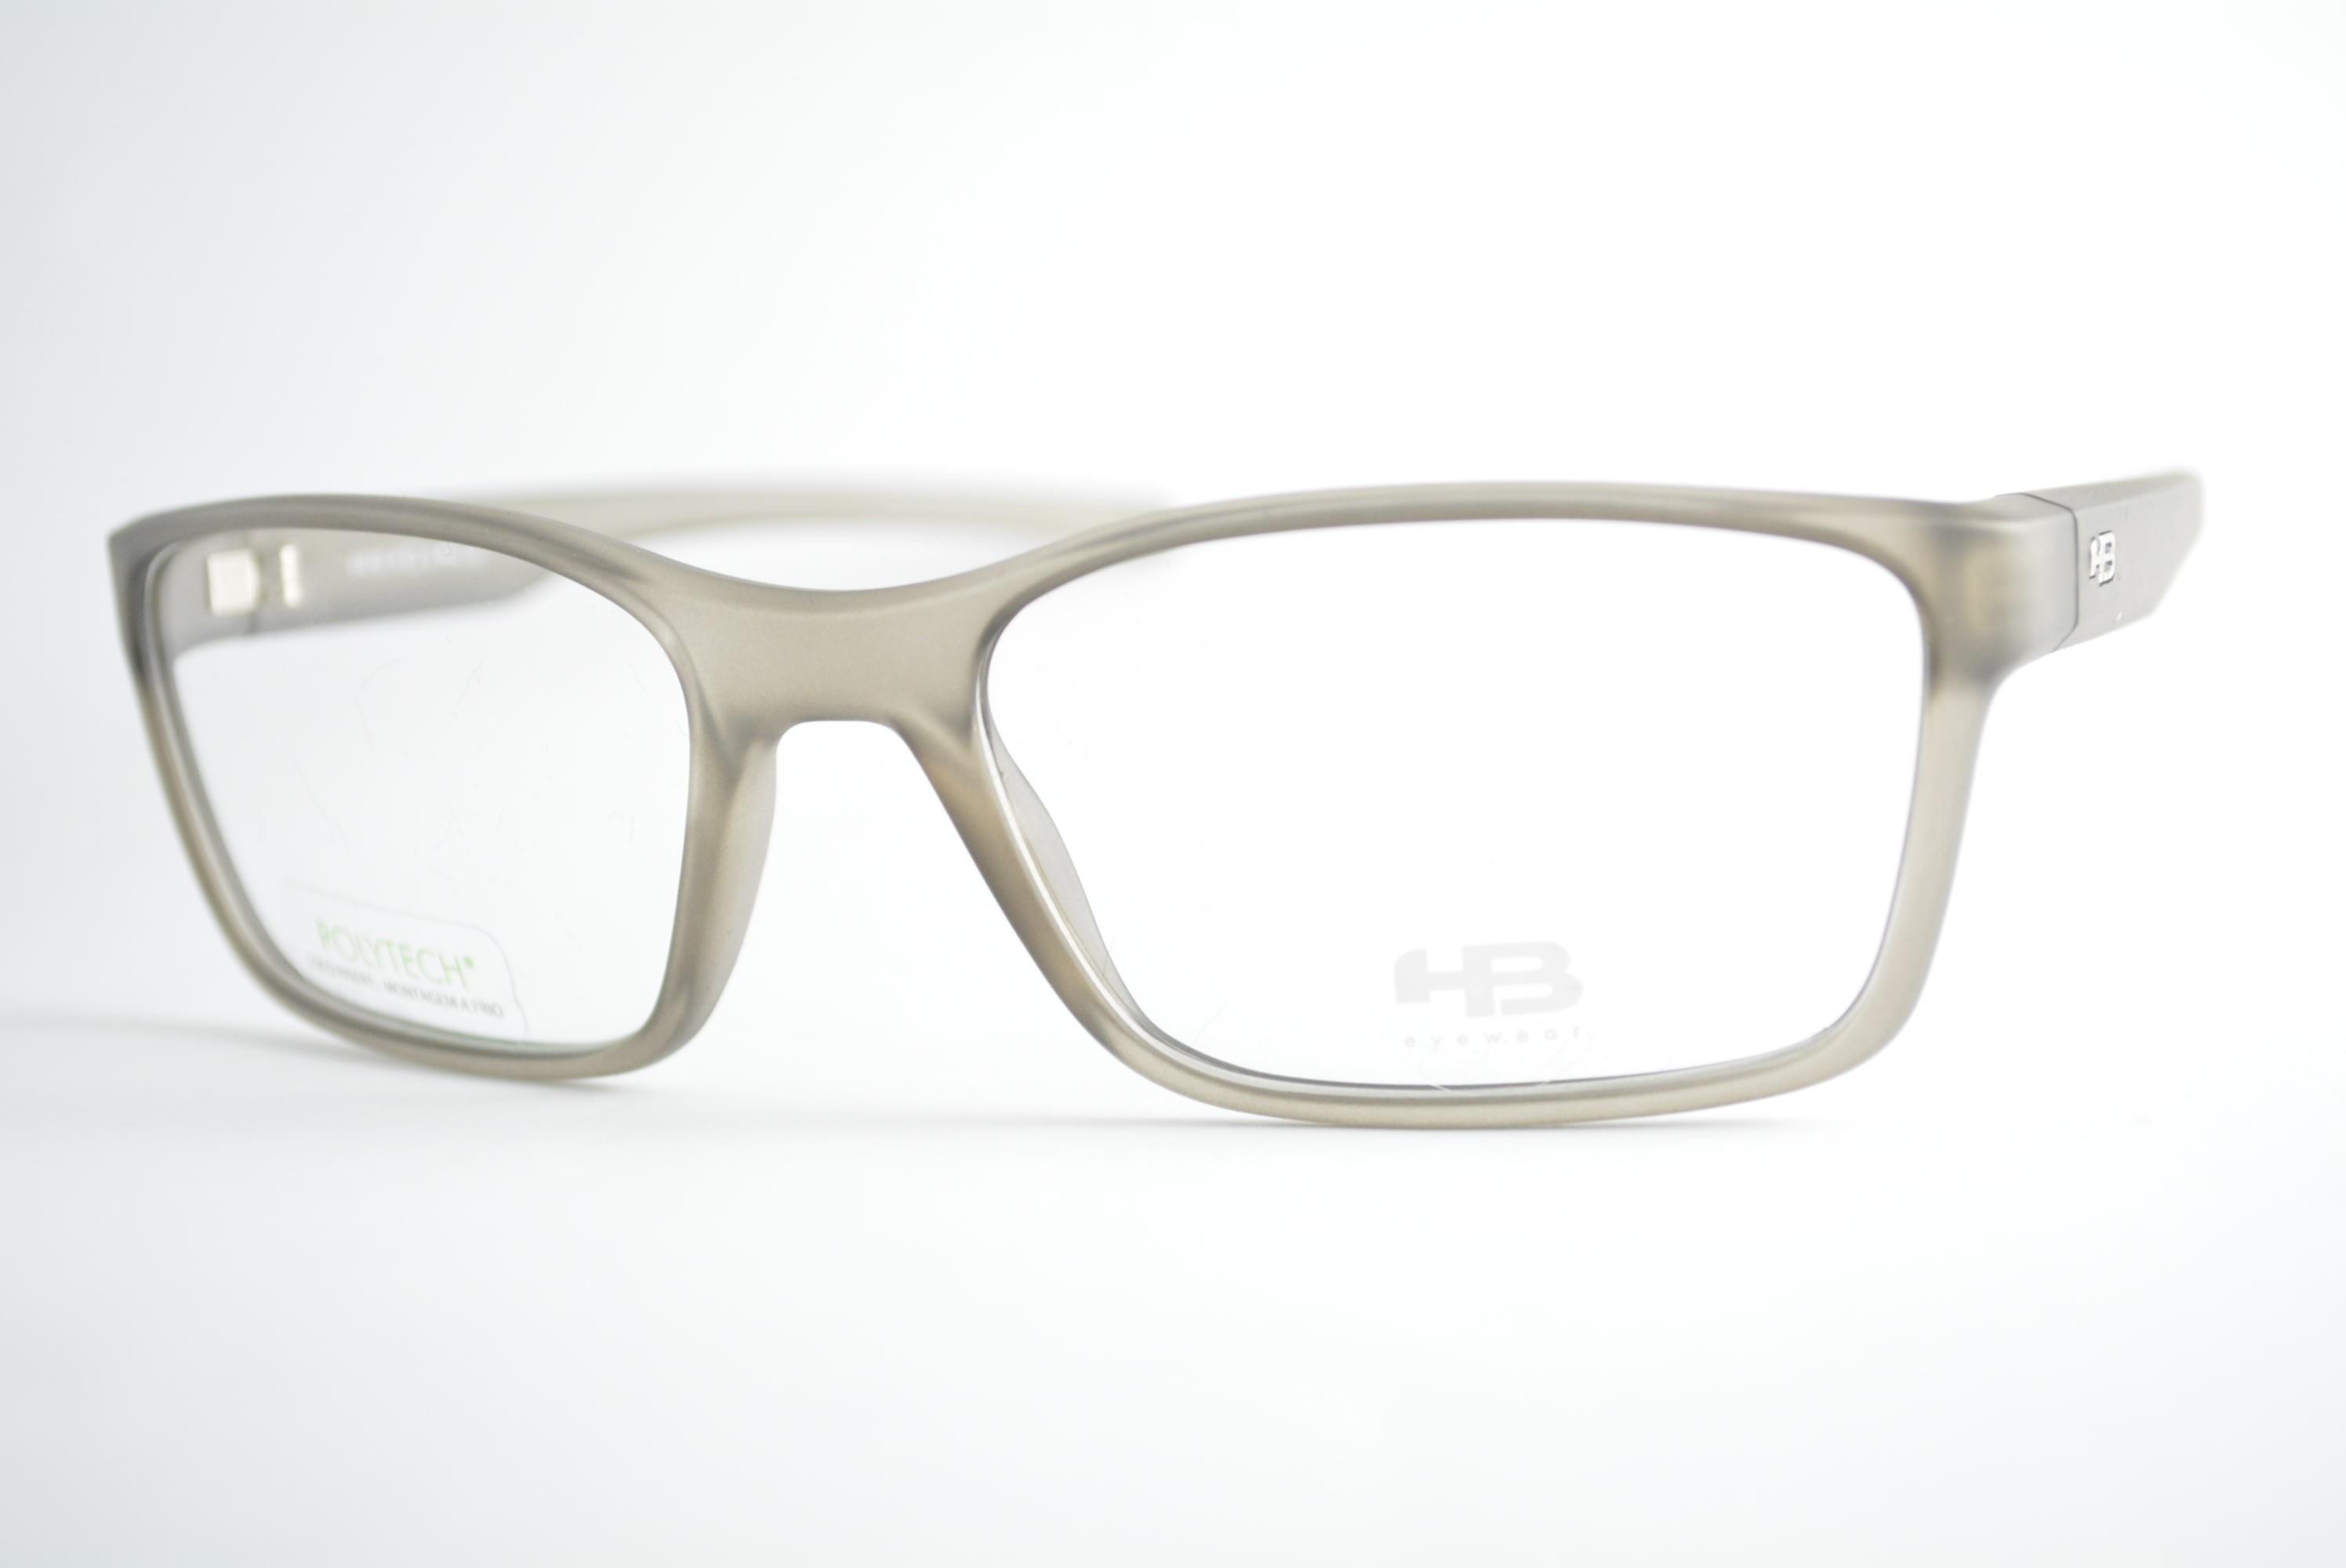 armação de óculos HB mod m93152 c297